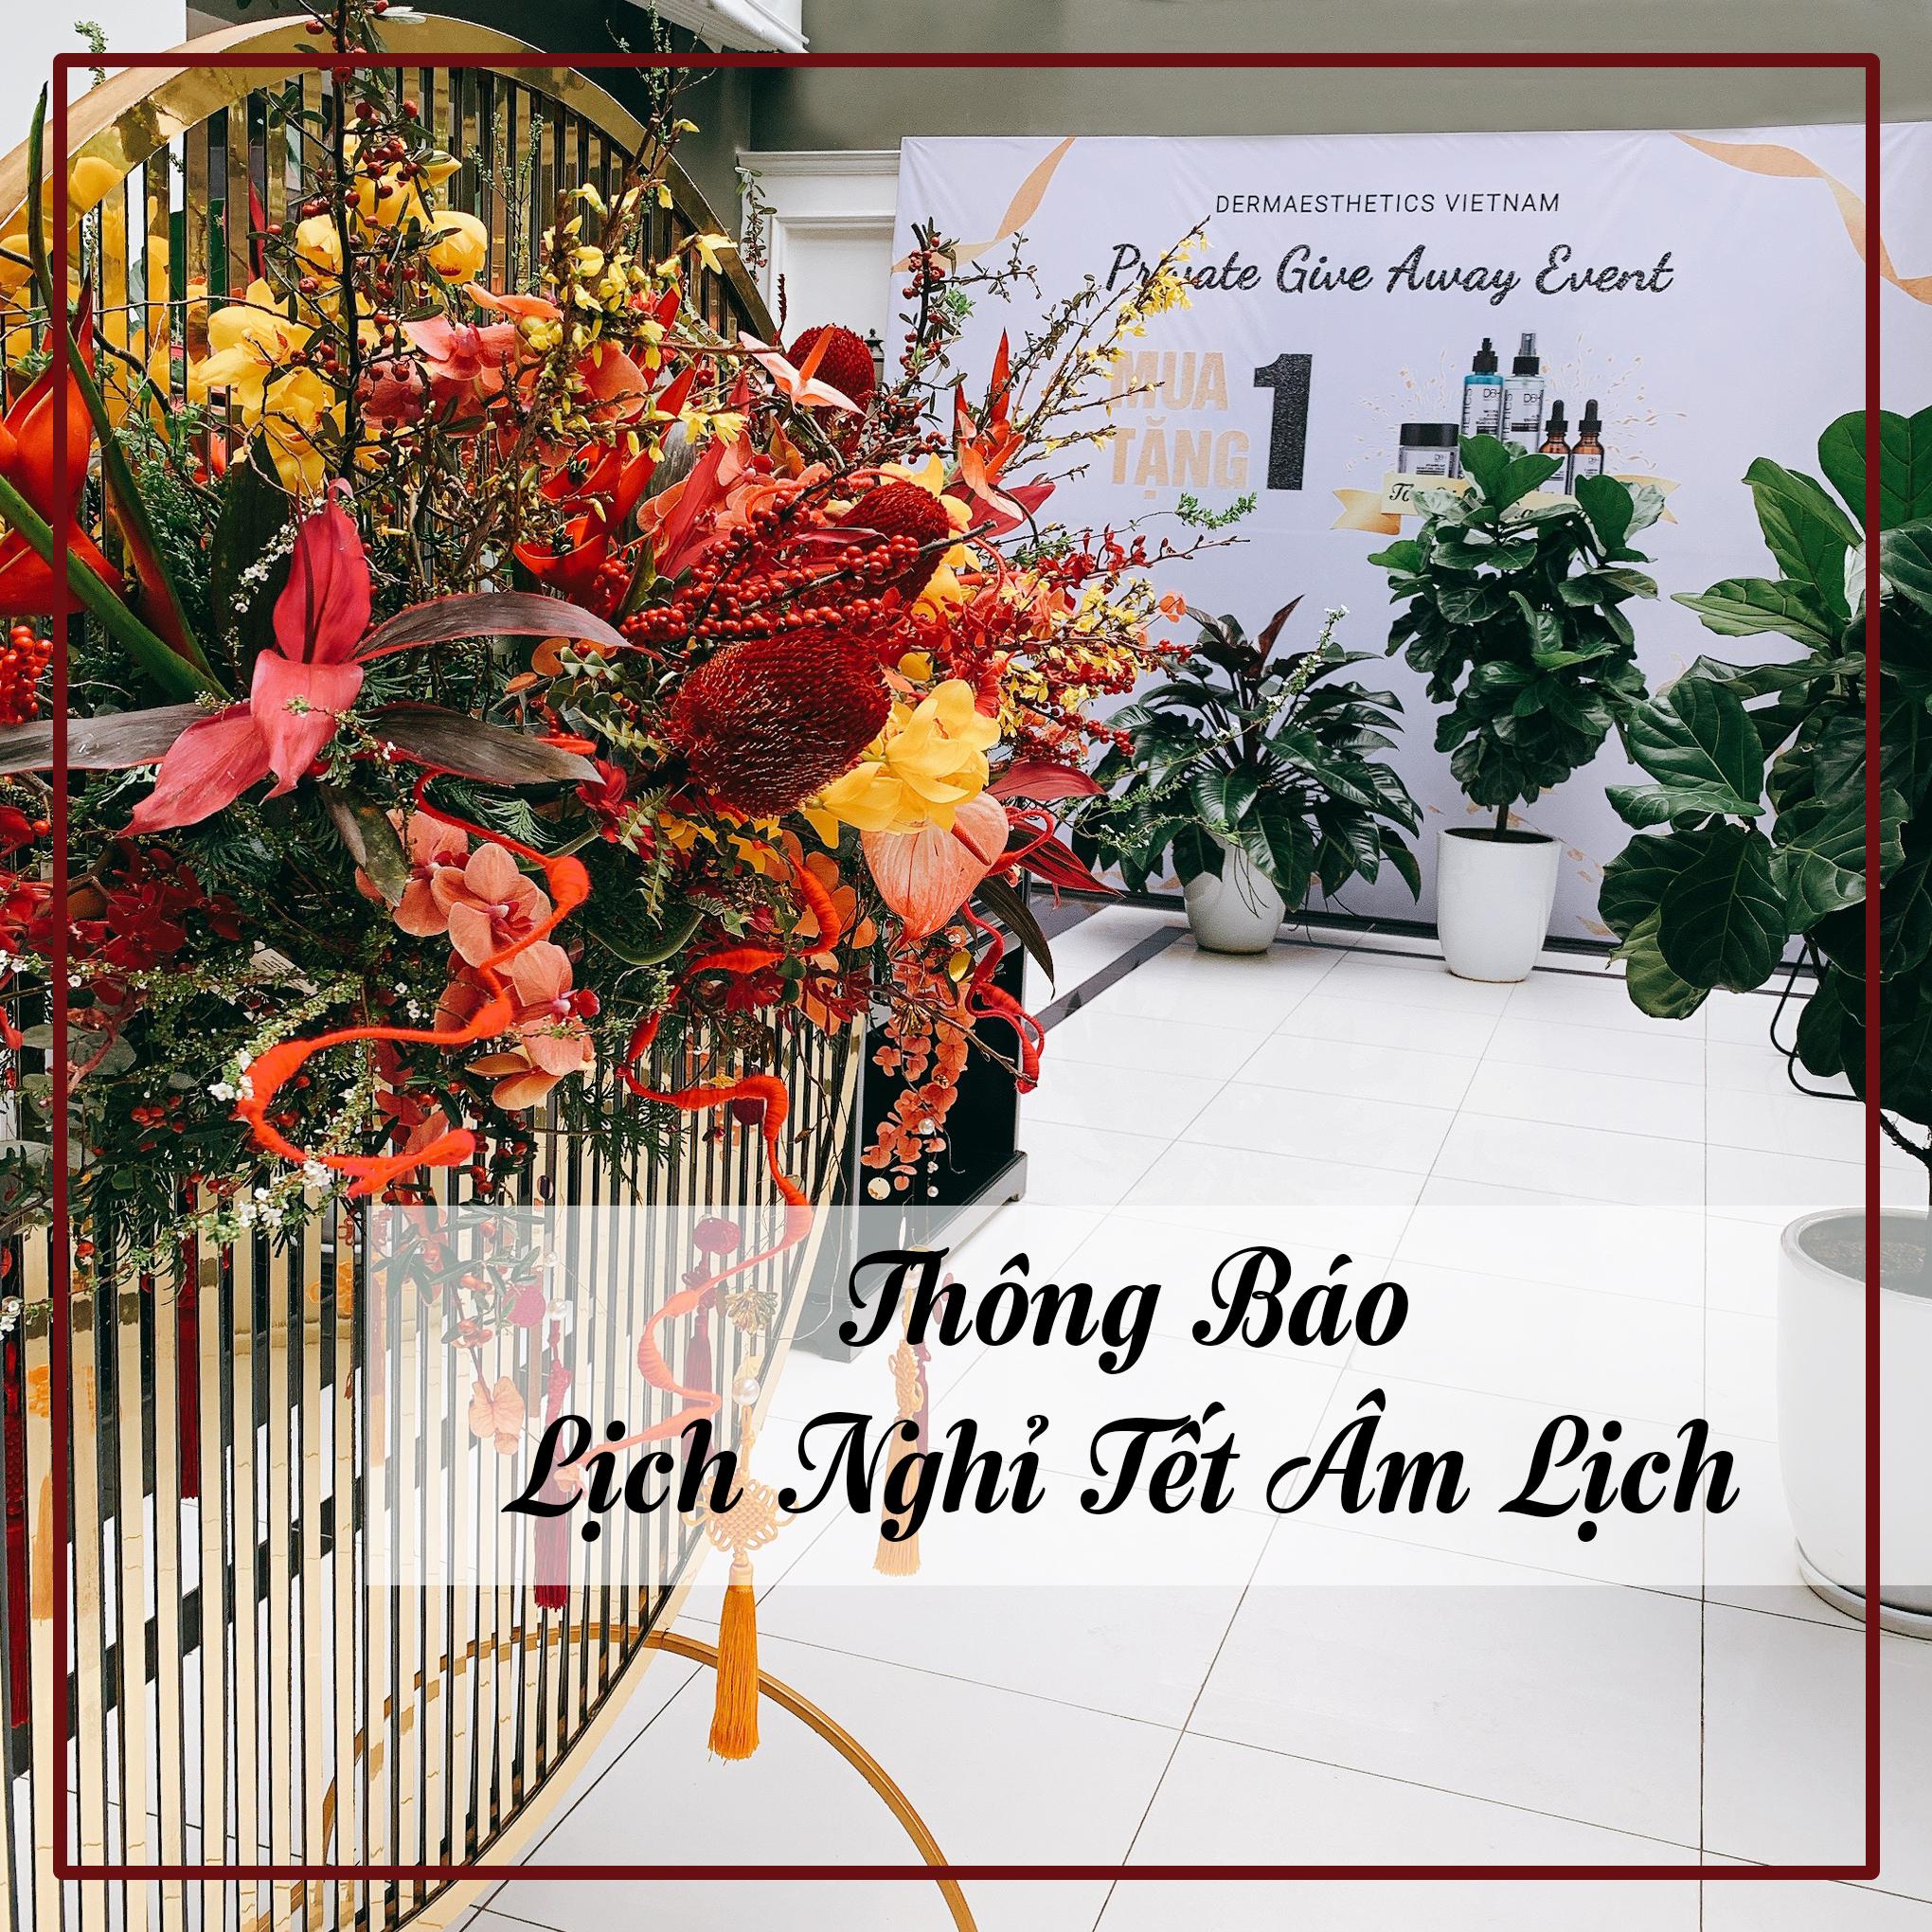 Dermaesthetics Vietnam thông báo lịch nghỉ Tết Nguyên Đán 2020